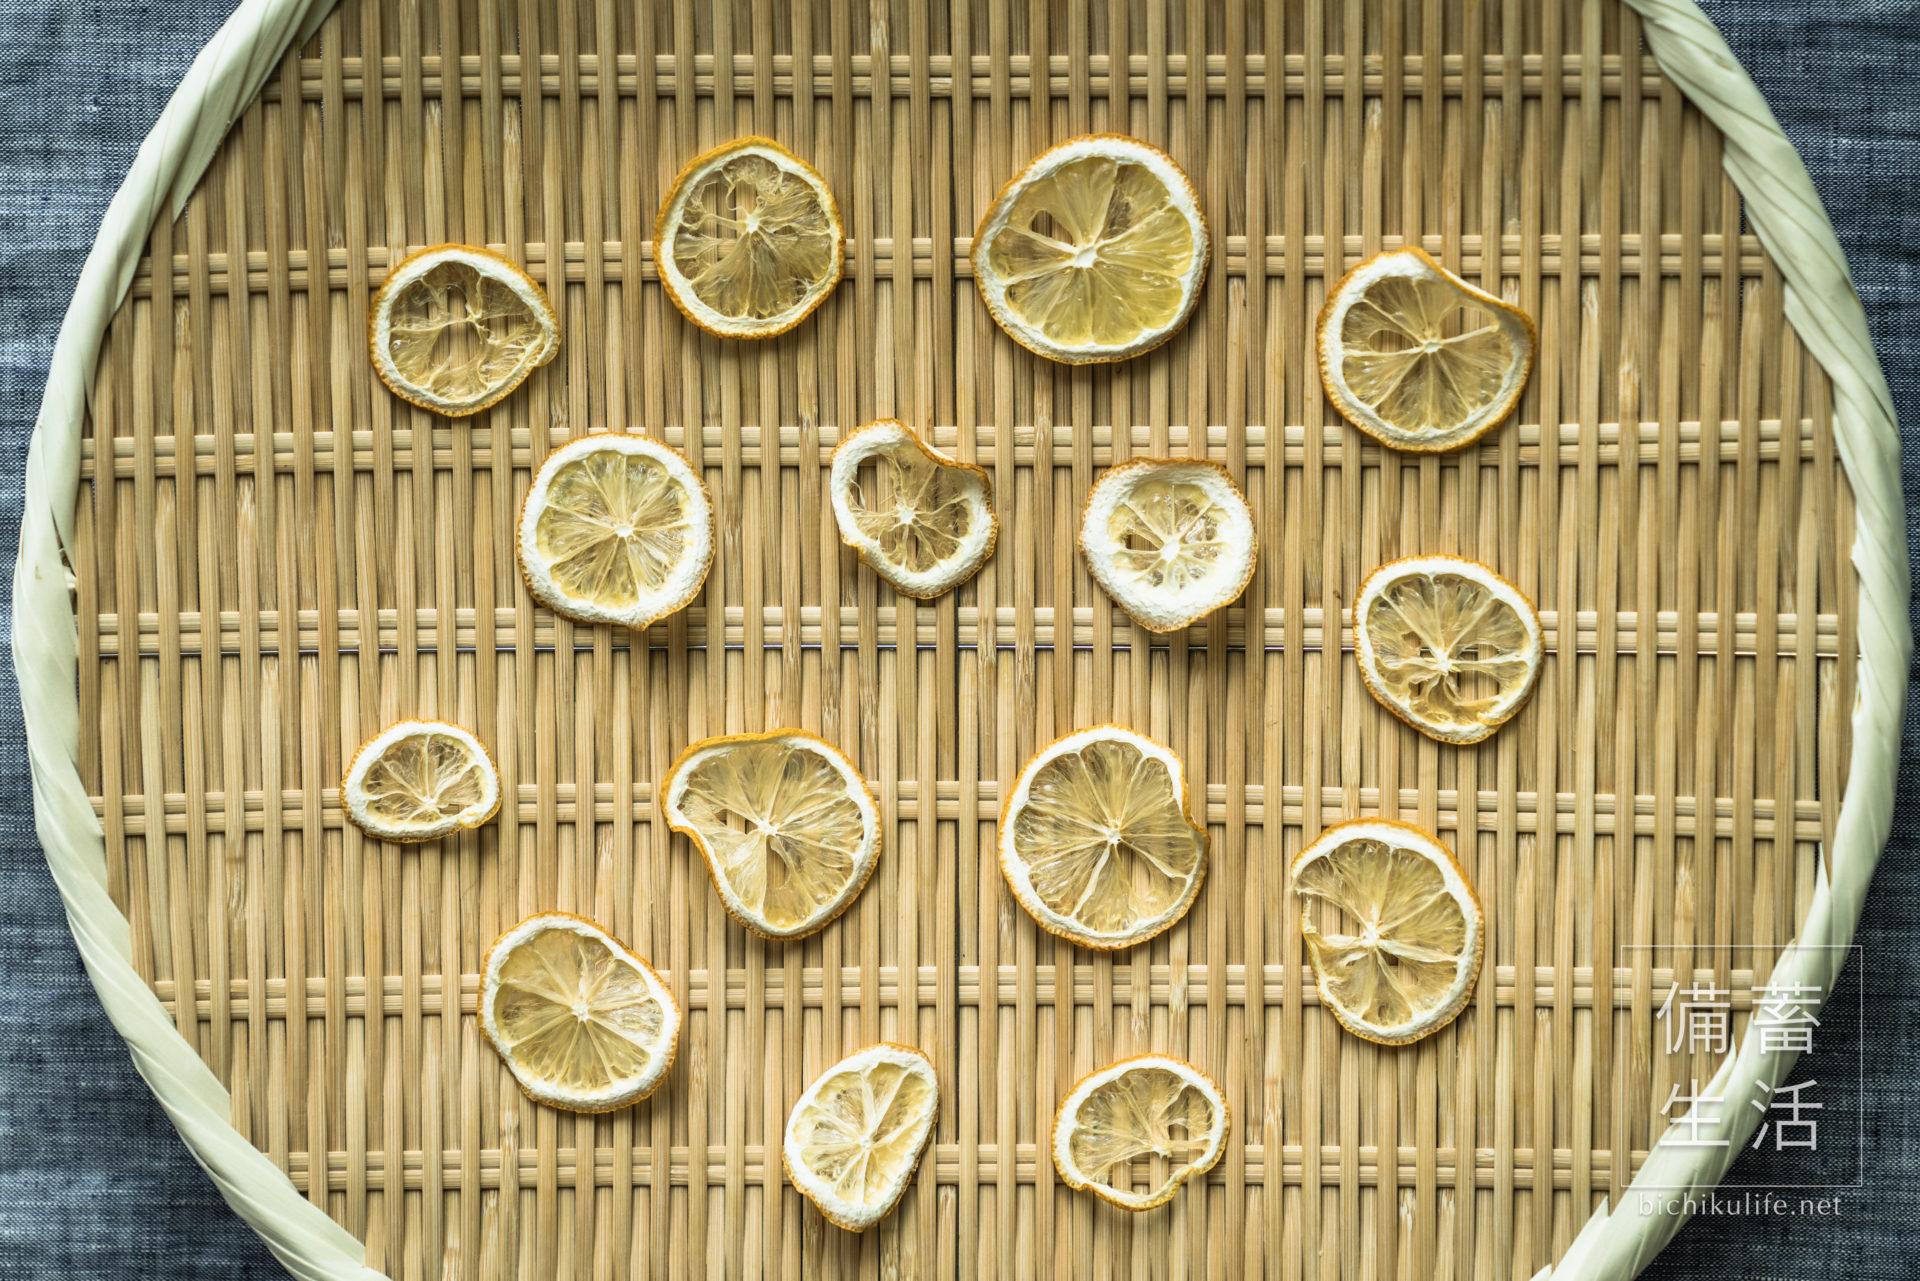 レモン 干し野菜づくり|干しレモンの作り方